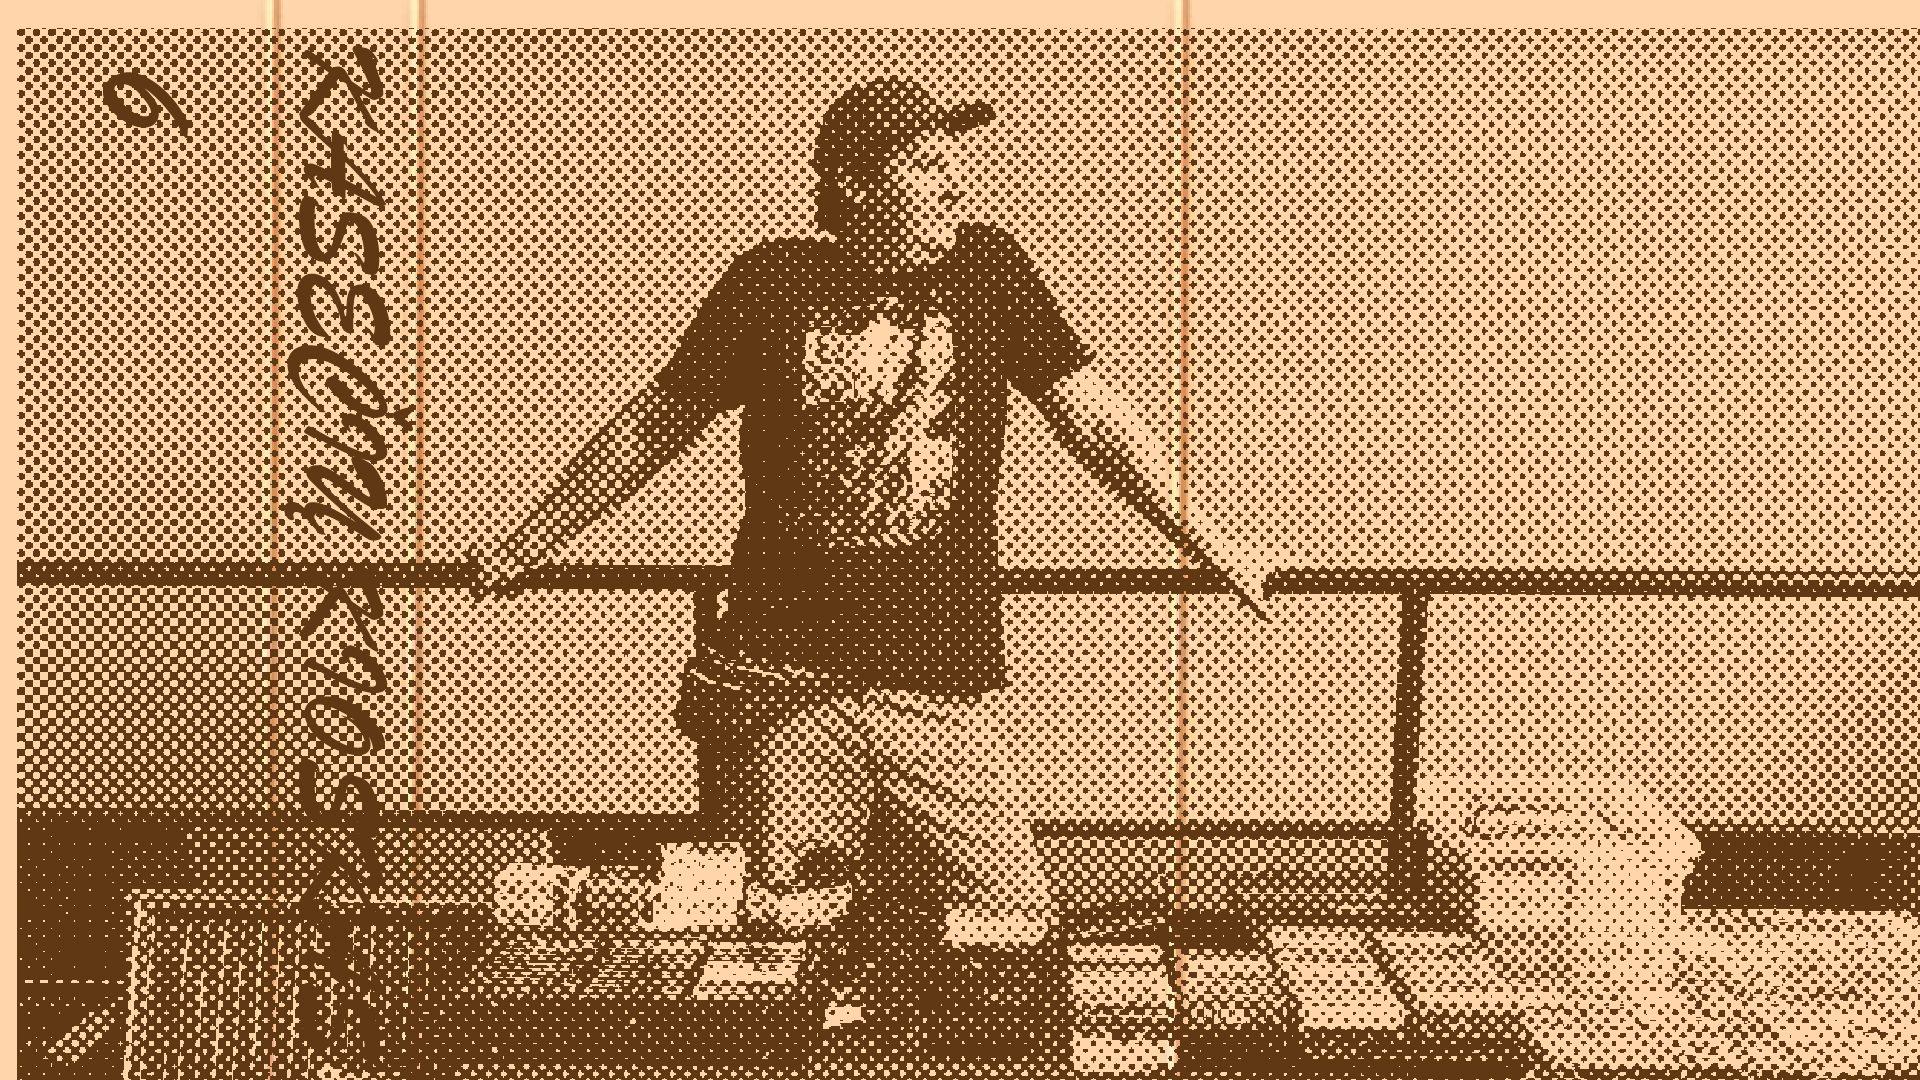 """Paskutiniame """"Kasečių kiosko"""" epizode: namudiniai įrašai, muzika iš kasečių, ištrauka iš DJ Weevil mixtape'o pasirodysiančio """"Tapekiosk"""" leidykloje, bei Vokietijoje vykęs pokalbis apie kasetes su Adam Frankiewizc (Pionierska records, Grupa Etyka Kurpina), Nick Klein (Psychic Liberation records), Markus (DJ Shlucht) ir Armantu Gečiausku (Tapekiosk)."""